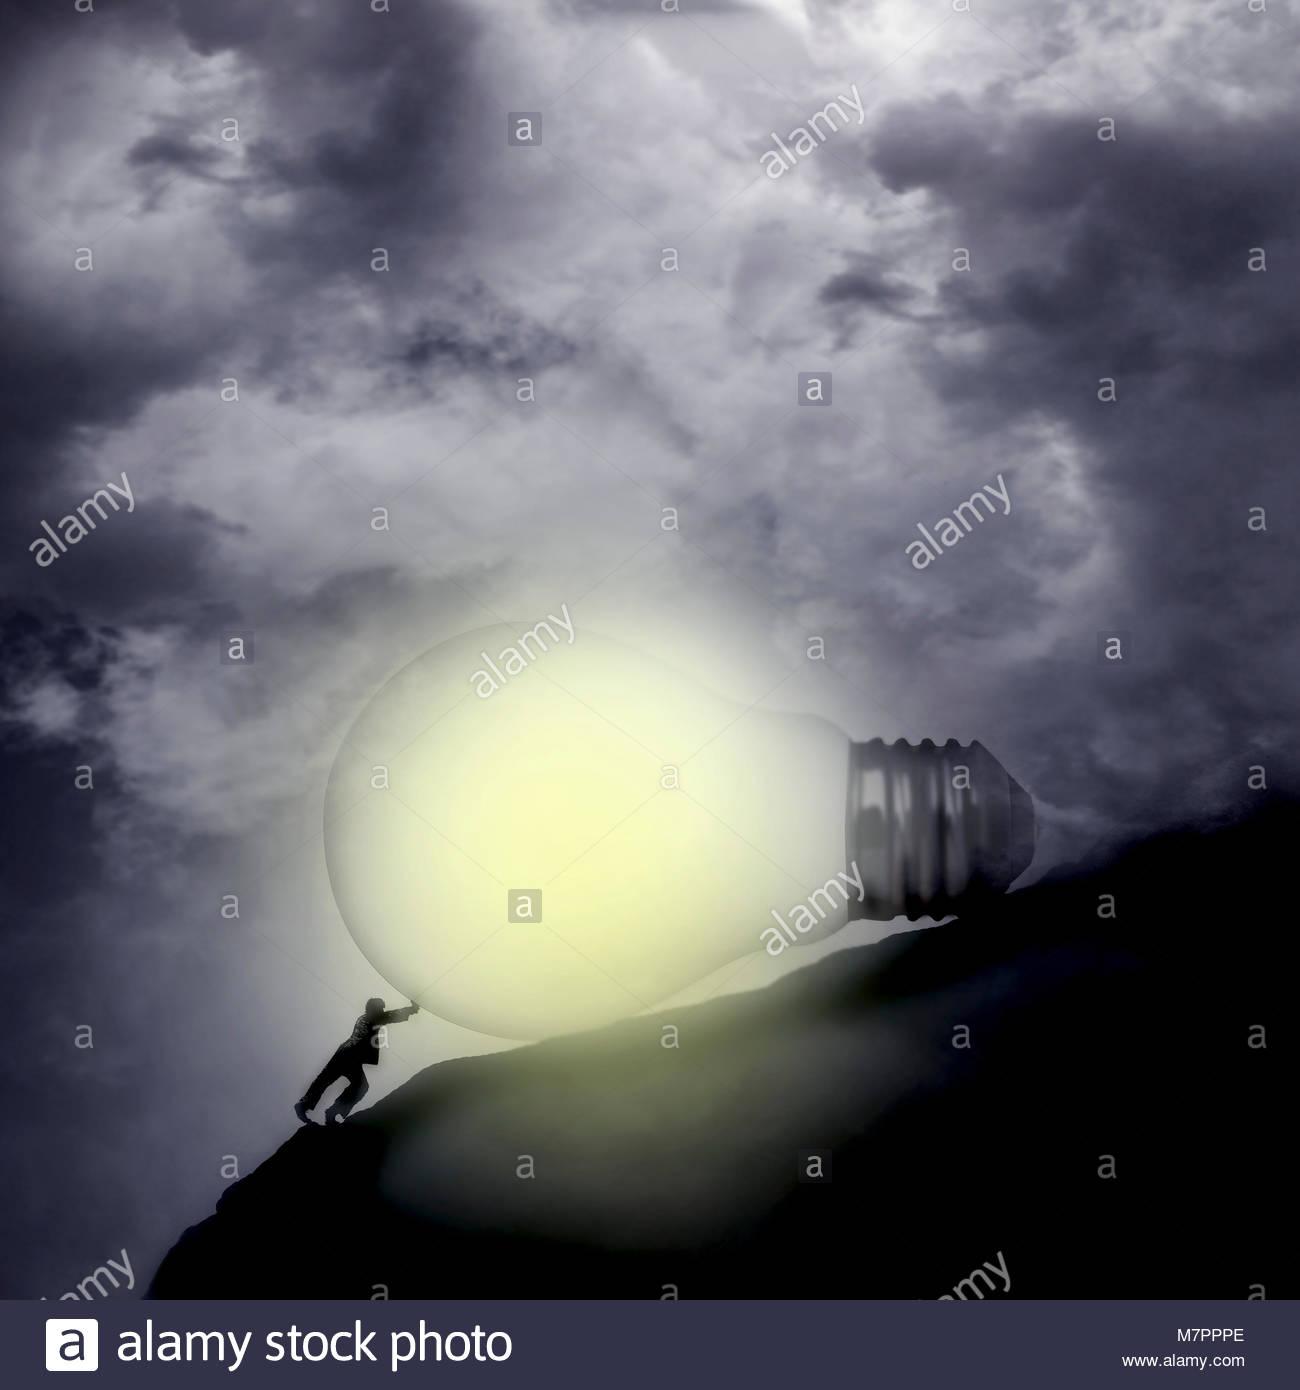 Businessman pushing illuminated light bulb up steep hill - Stock Image